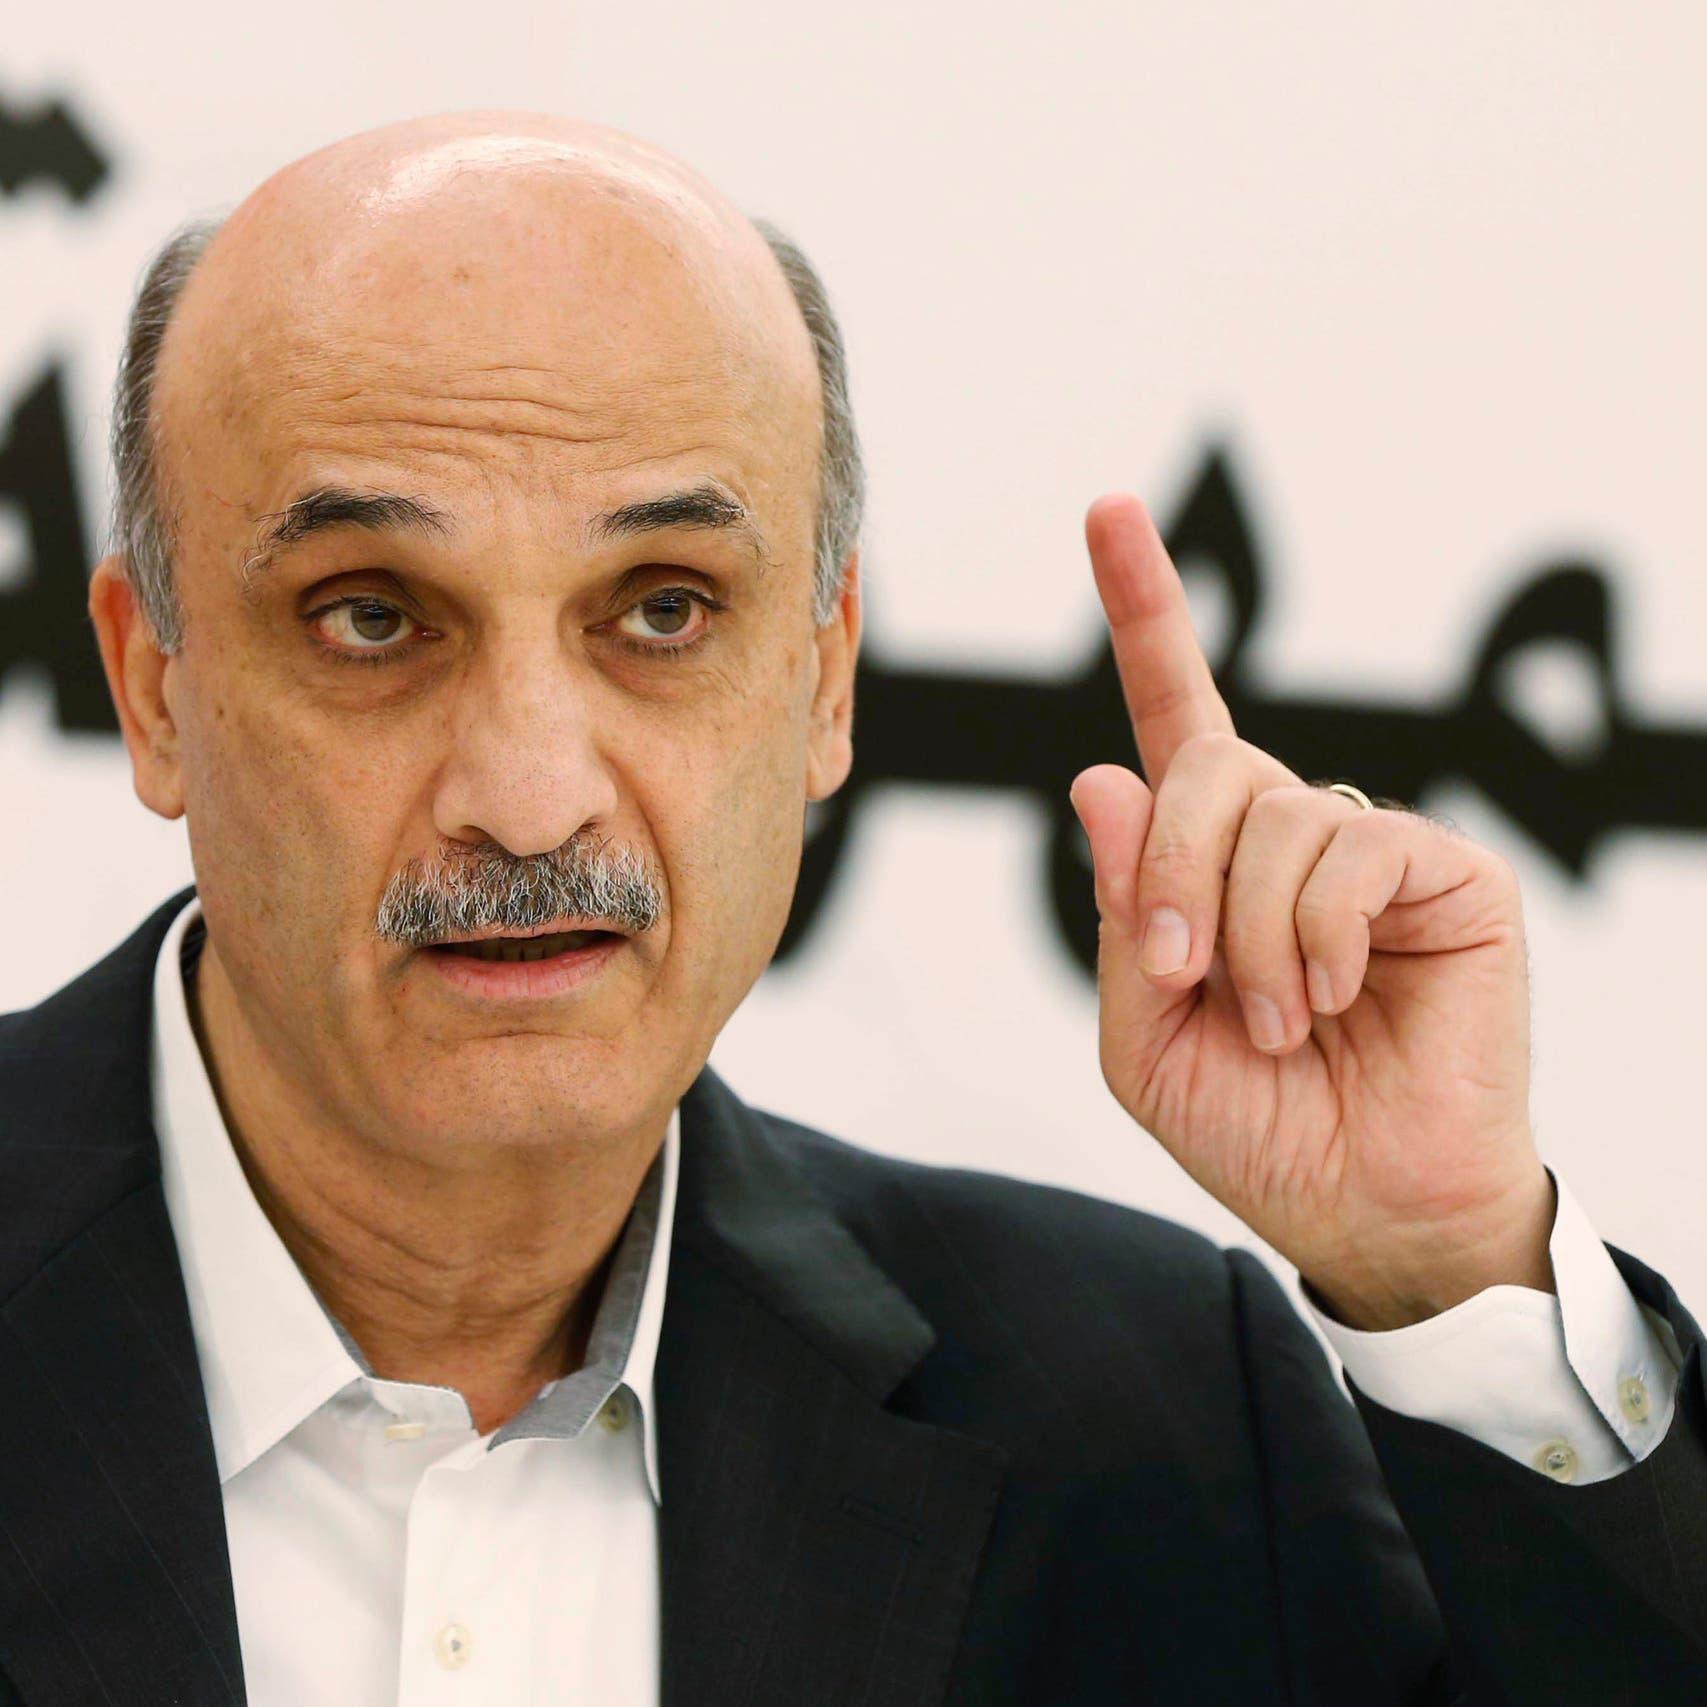 جعجع: لو هبّت النار ستقضي على من بقي من اللبنانيين